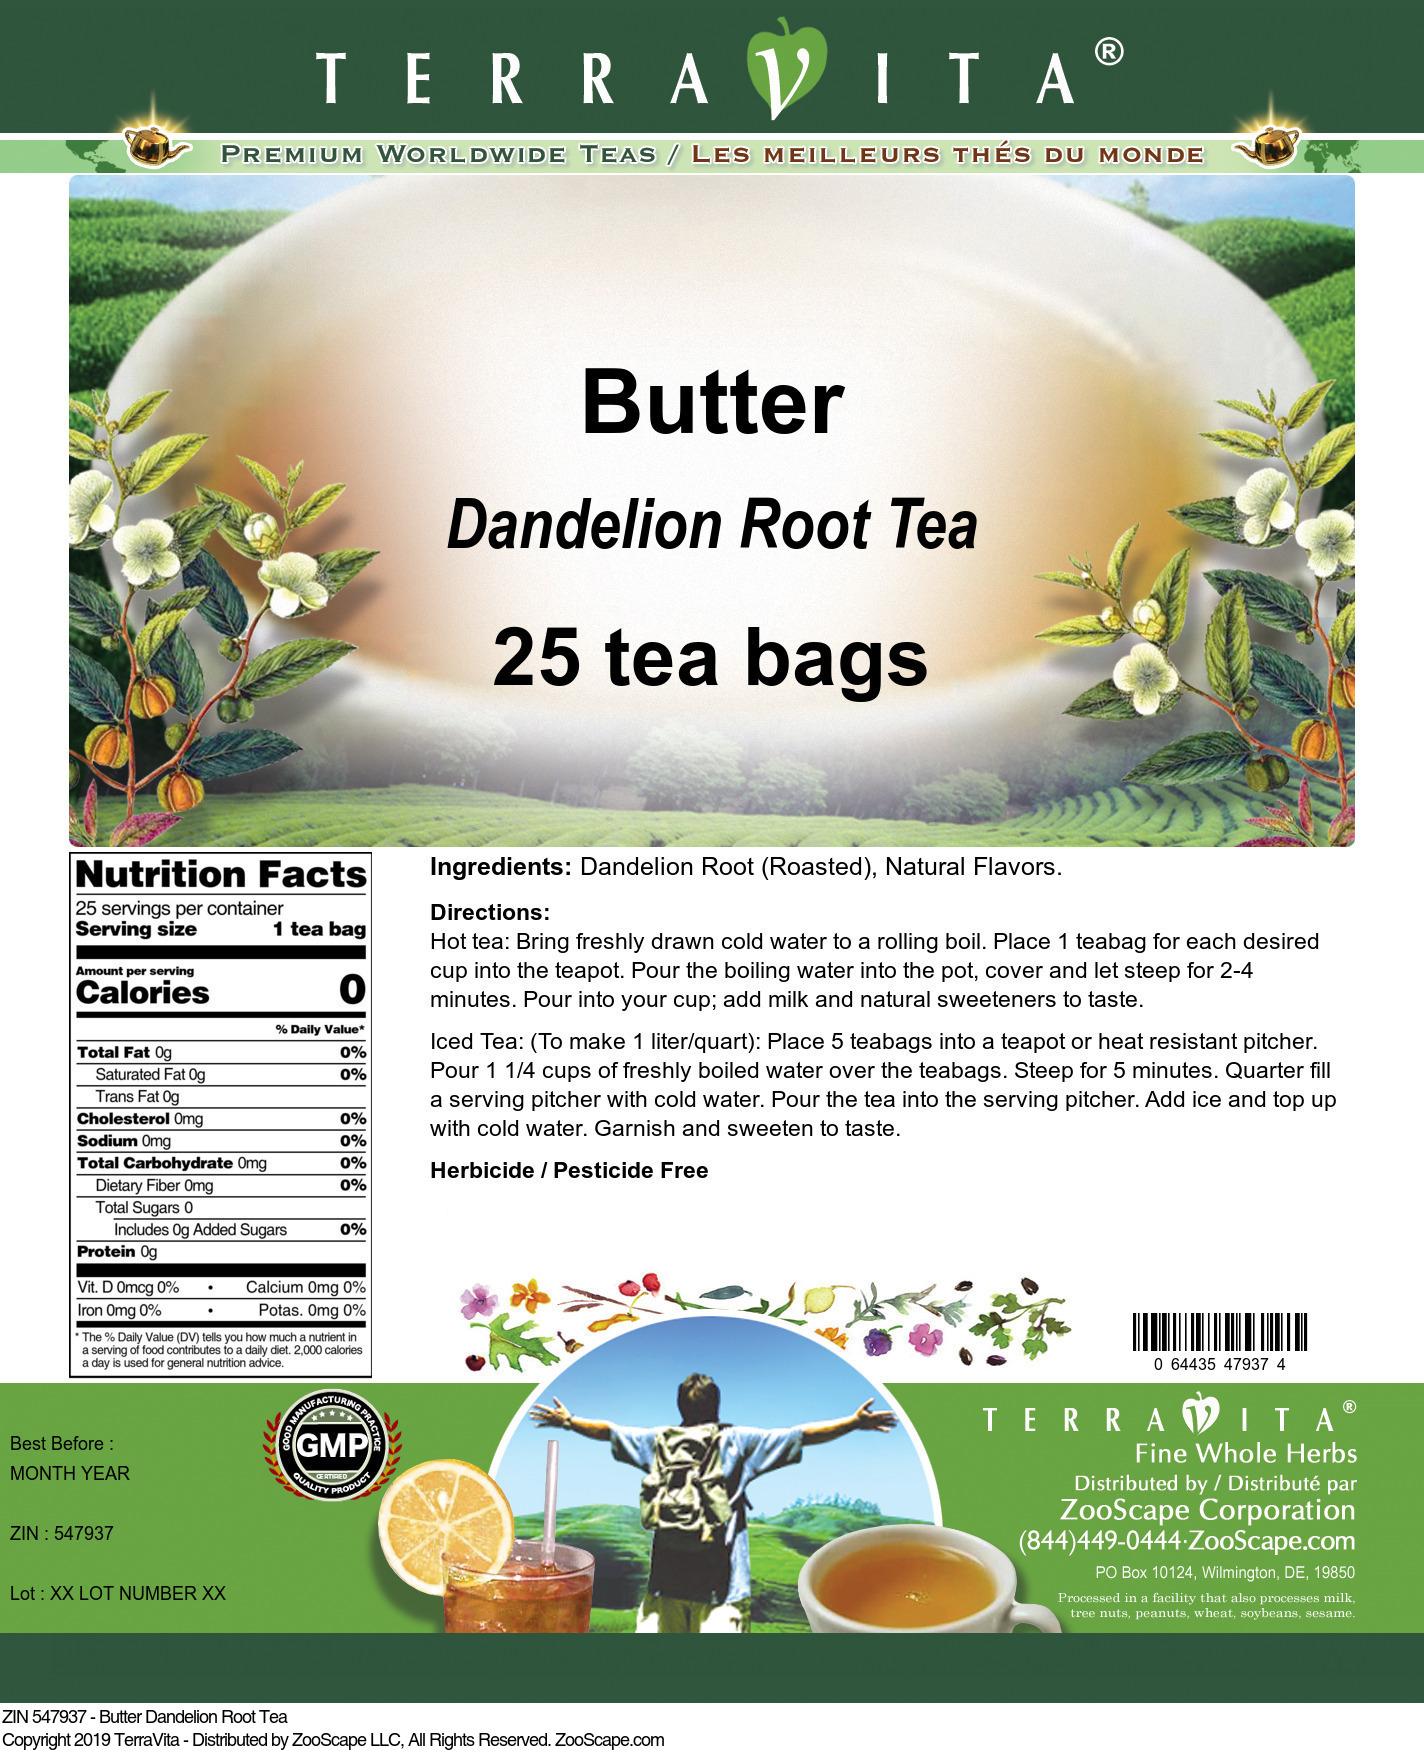 Butter Dandelion Root Tea